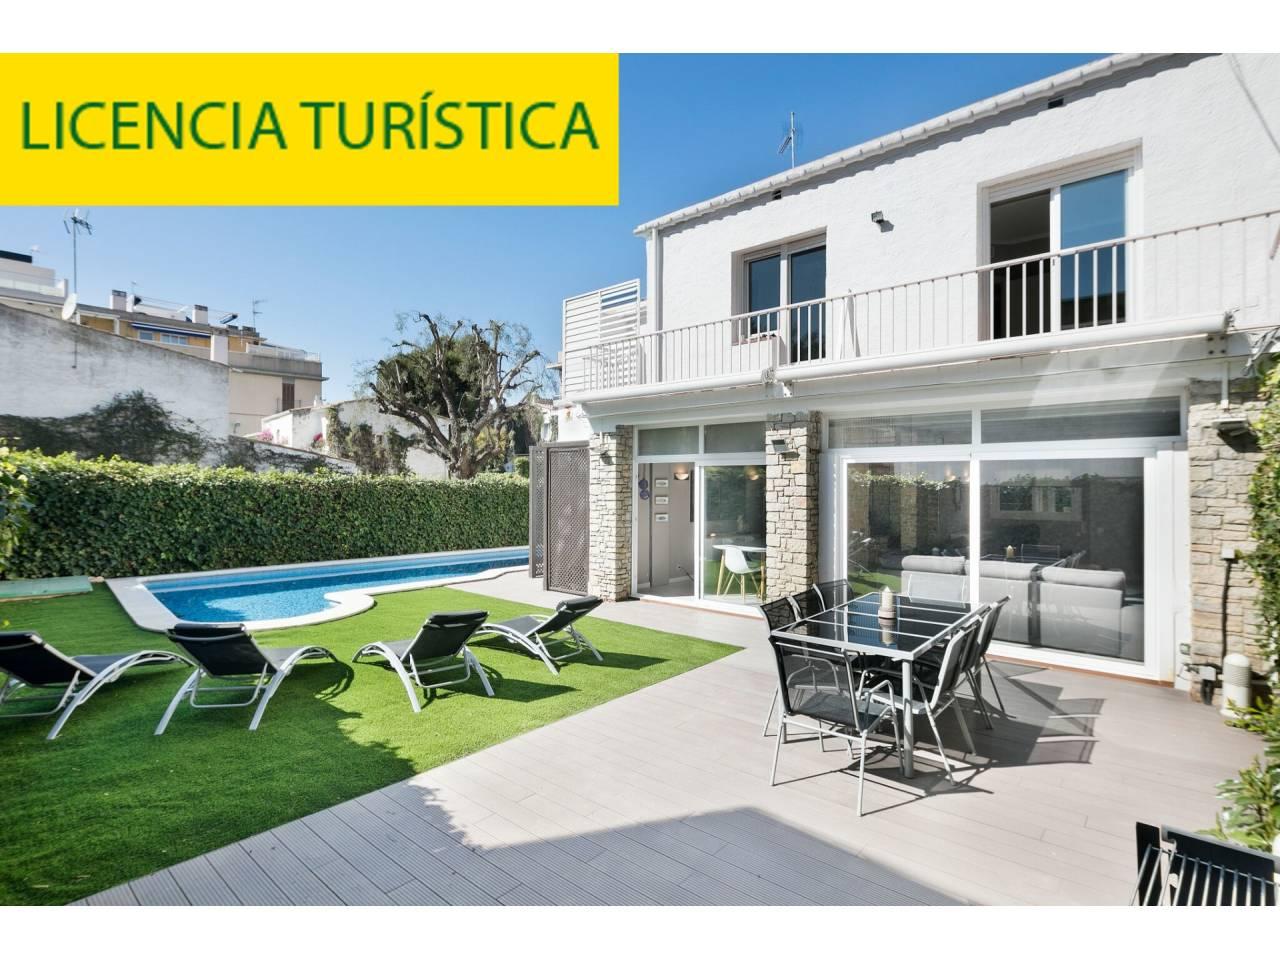 Casa única y totalmente reformada en zona tranquila del centro de Sitges con piscina, parking y LICENCIA TURISTAICA.